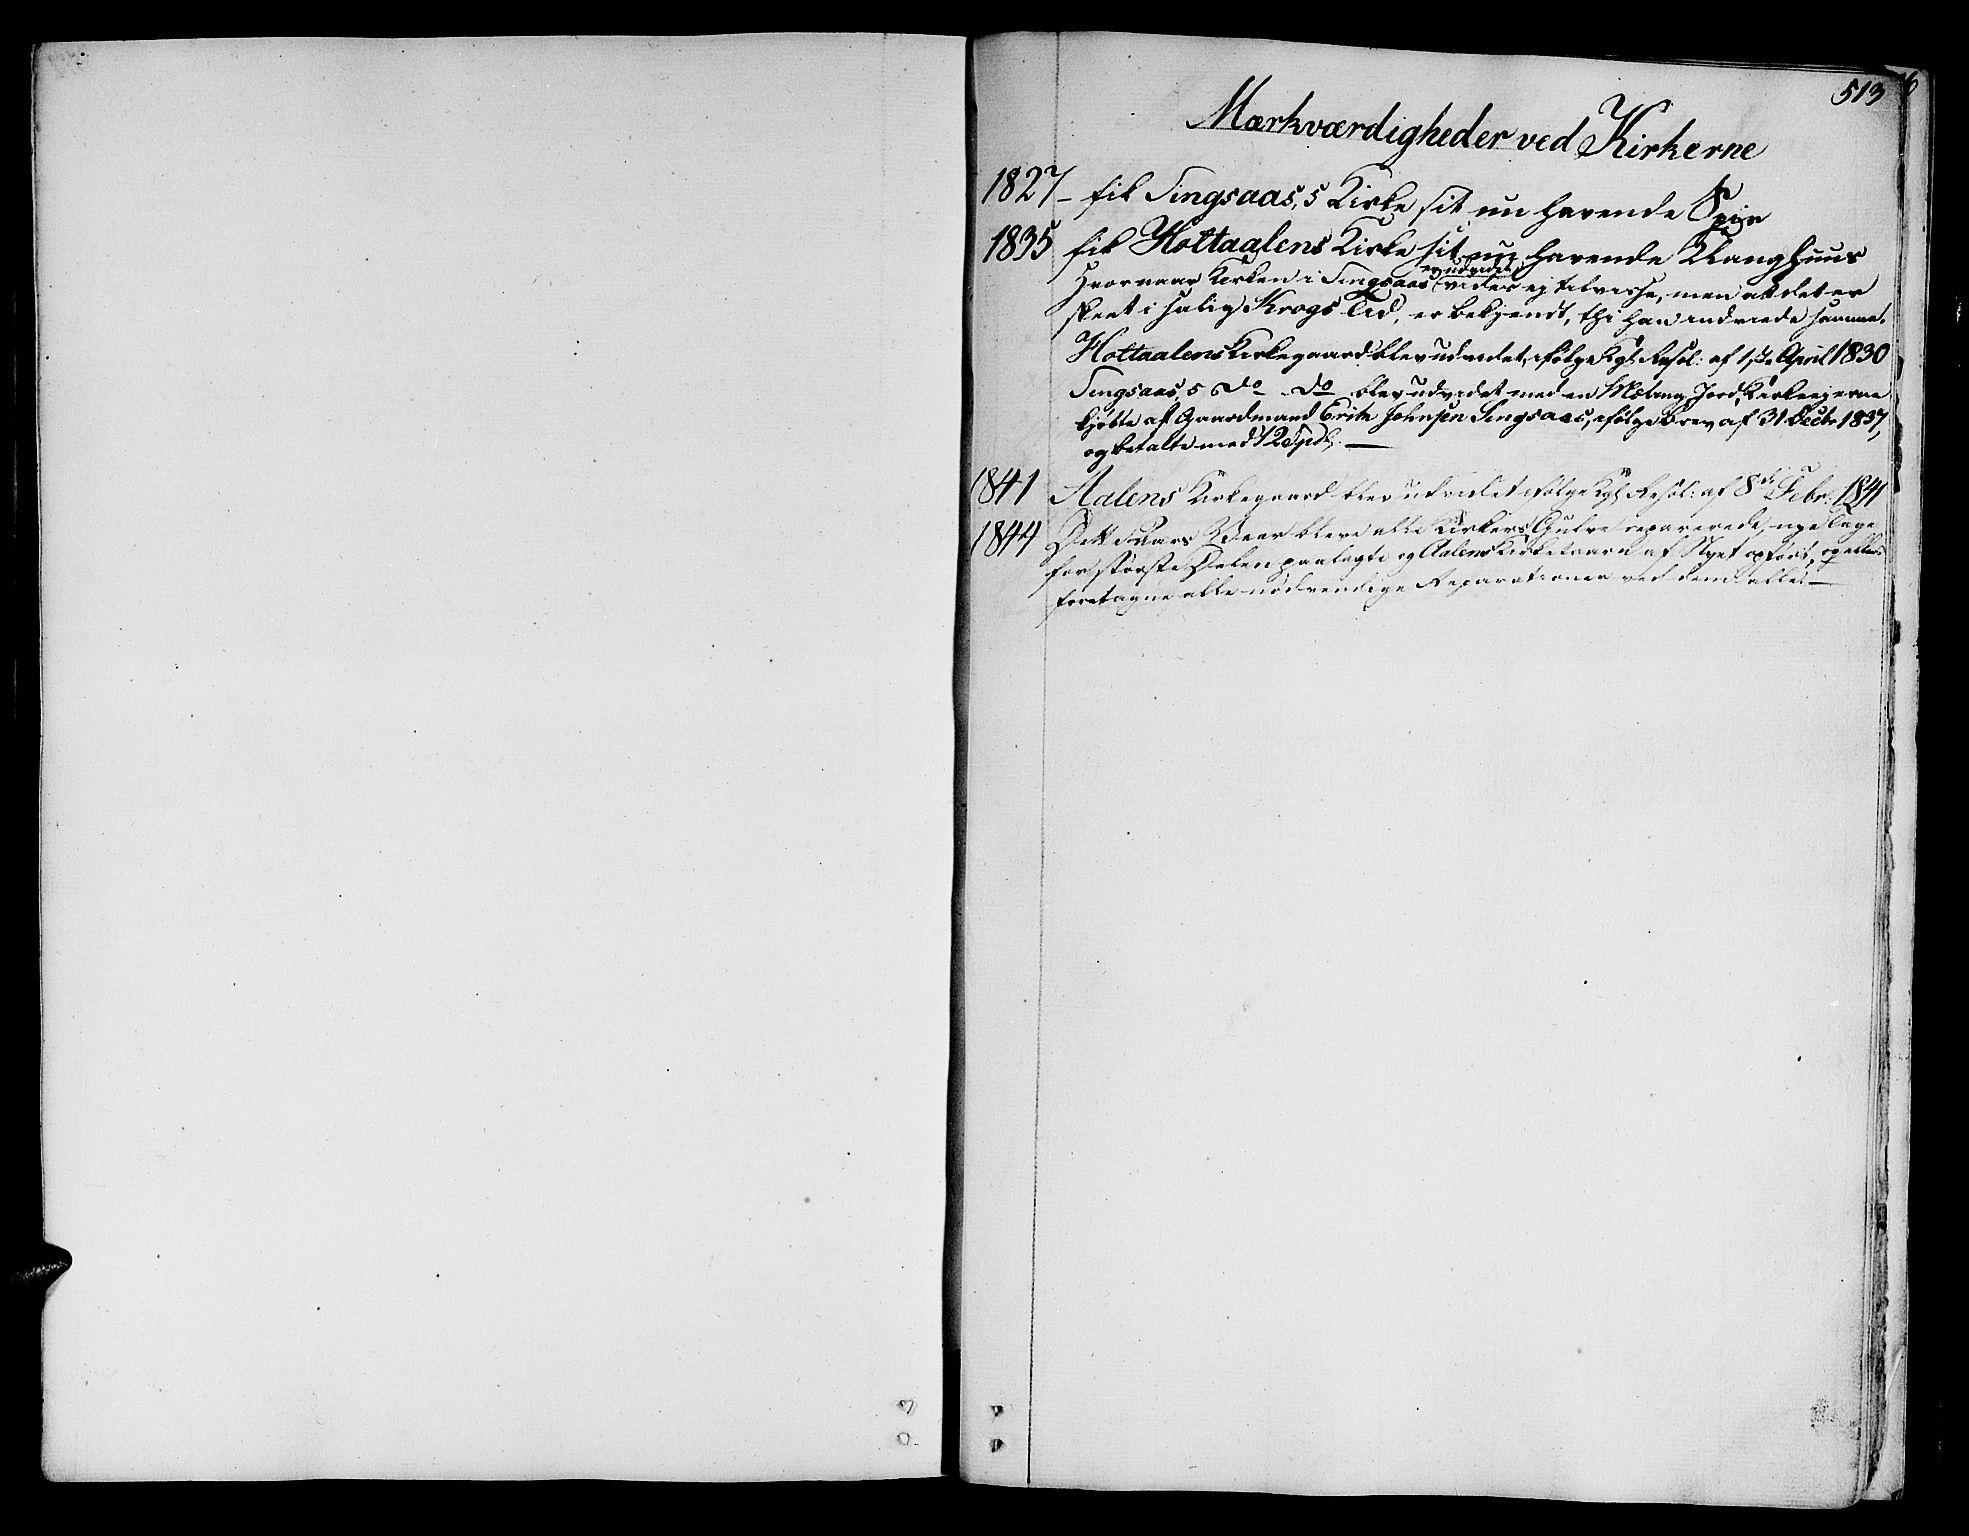 SAT, Ministerialprotokoller, klokkerbøker og fødselsregistre - Sør-Trøndelag, 685/L0960: Ministerialbok nr. 685A05 /1, 1829-1845, s. 513